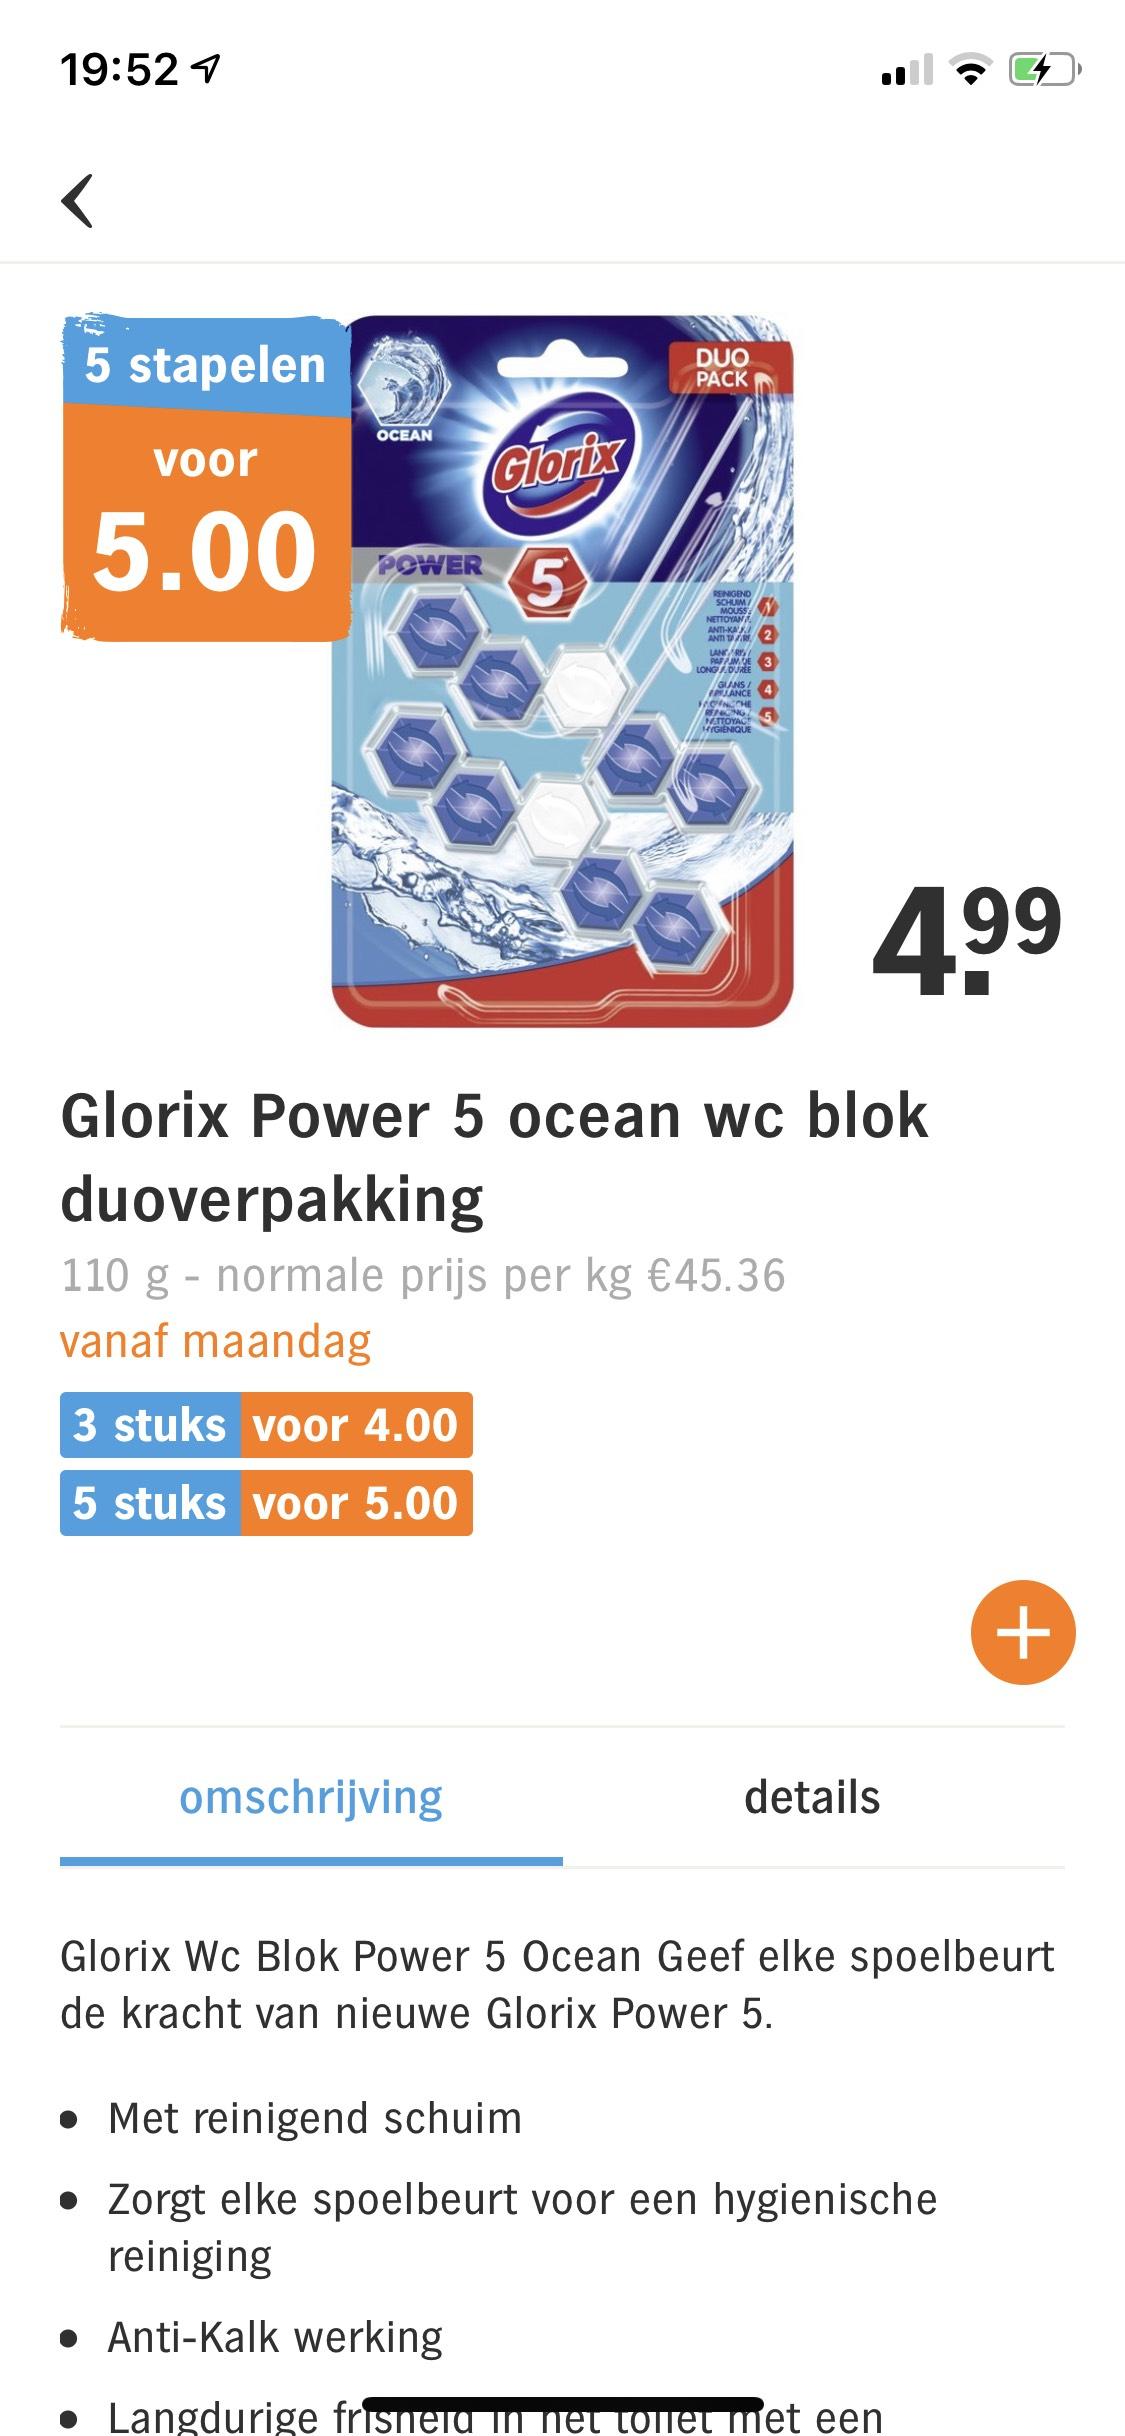 Glorix wc blok 80% (92% bij AH Bezorgbundel) korting bij 5 verpakkingen (10 stuks - €5)